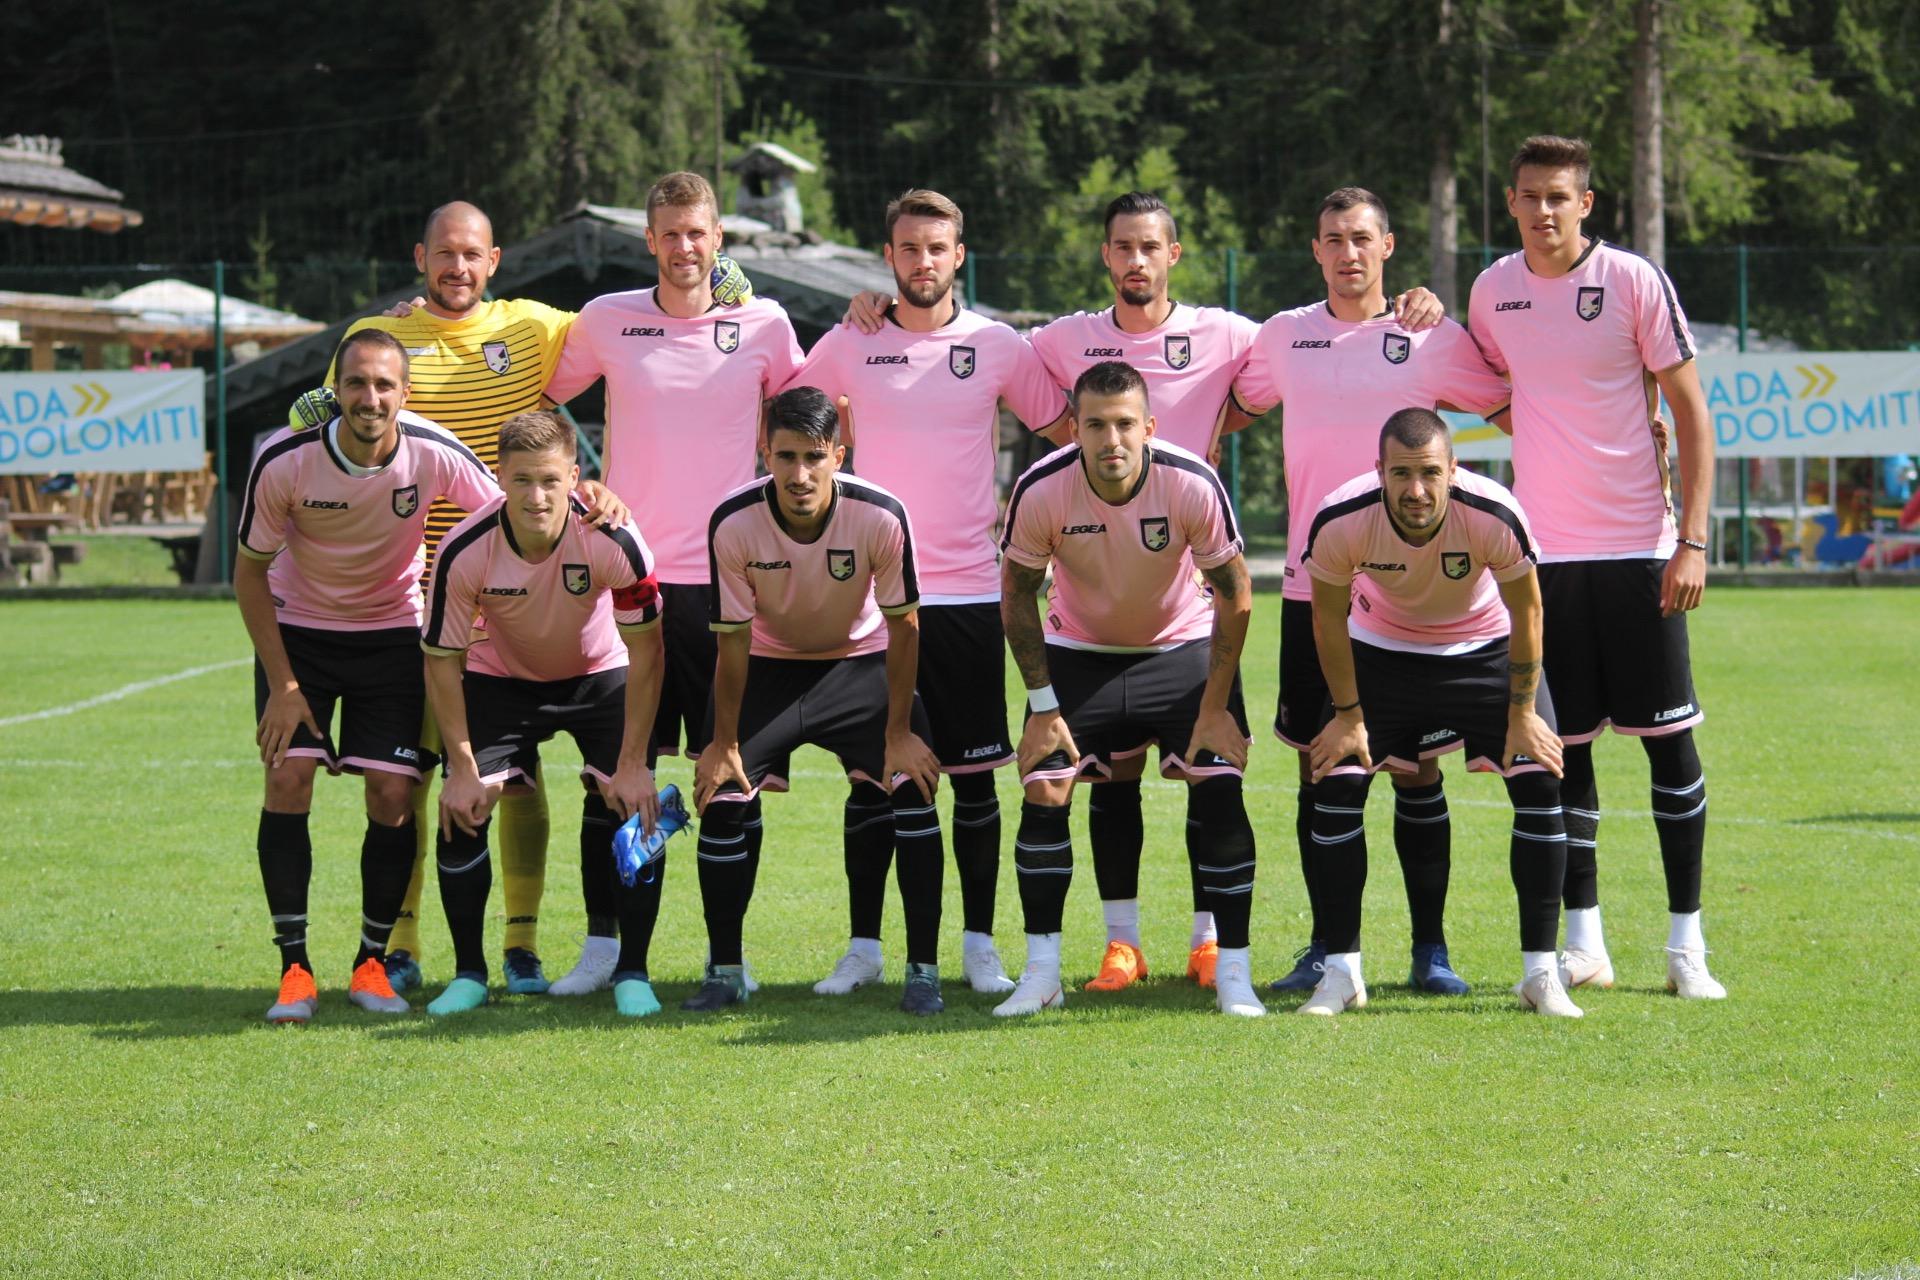 Calendario Salernitana.Il Calendario Della Serie B A 19 Squadre Per Il Palermo